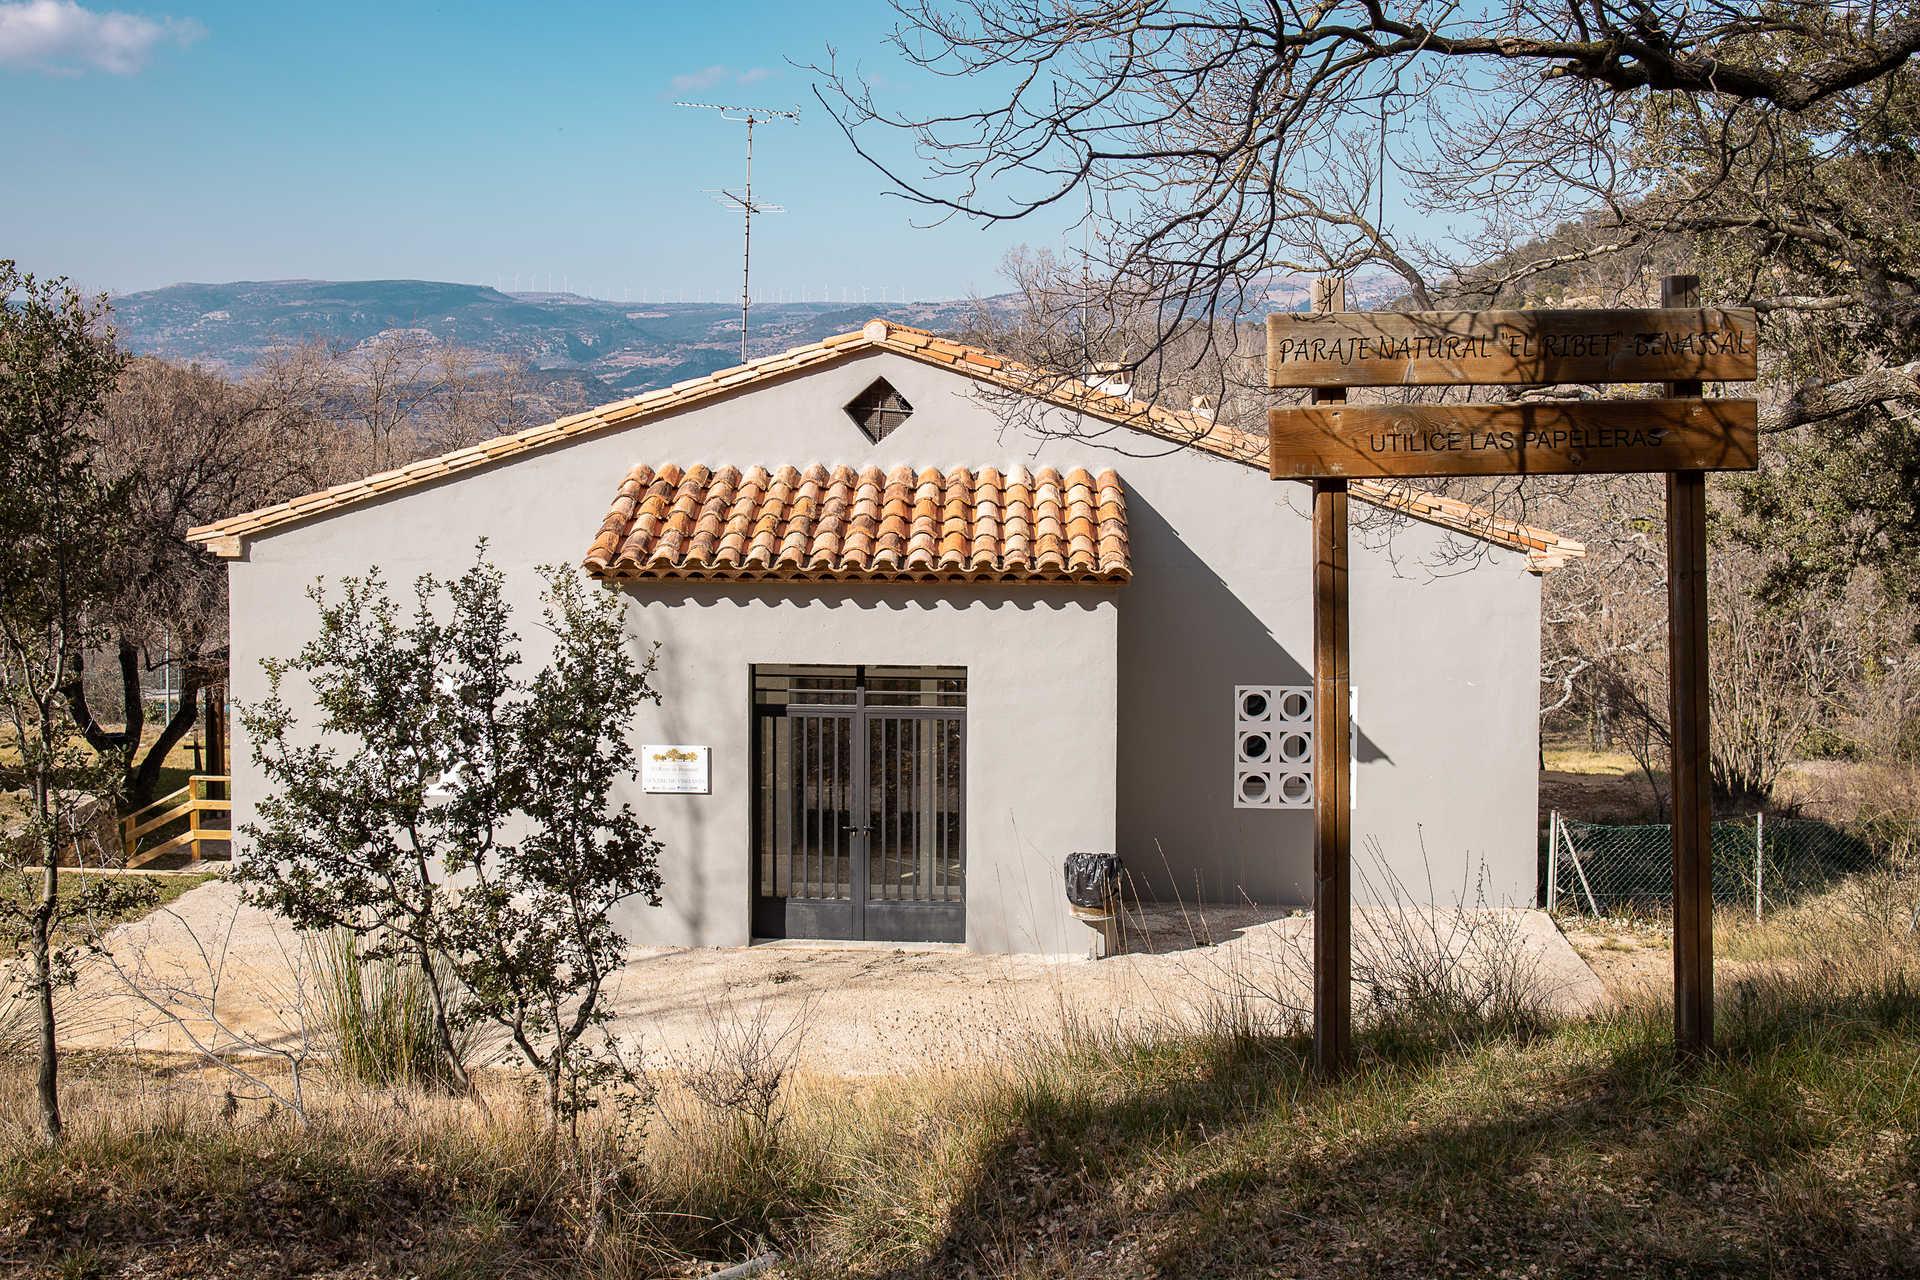 https://multimedia.comunitatvalenciana.com/7EDA3264C041460F84F17A1E7550C8CC/img/41D25FB083E947E6A1D314CB07FAFEE1/Centro_interpretacion_del_Rivet-exterior.jpg?responsive